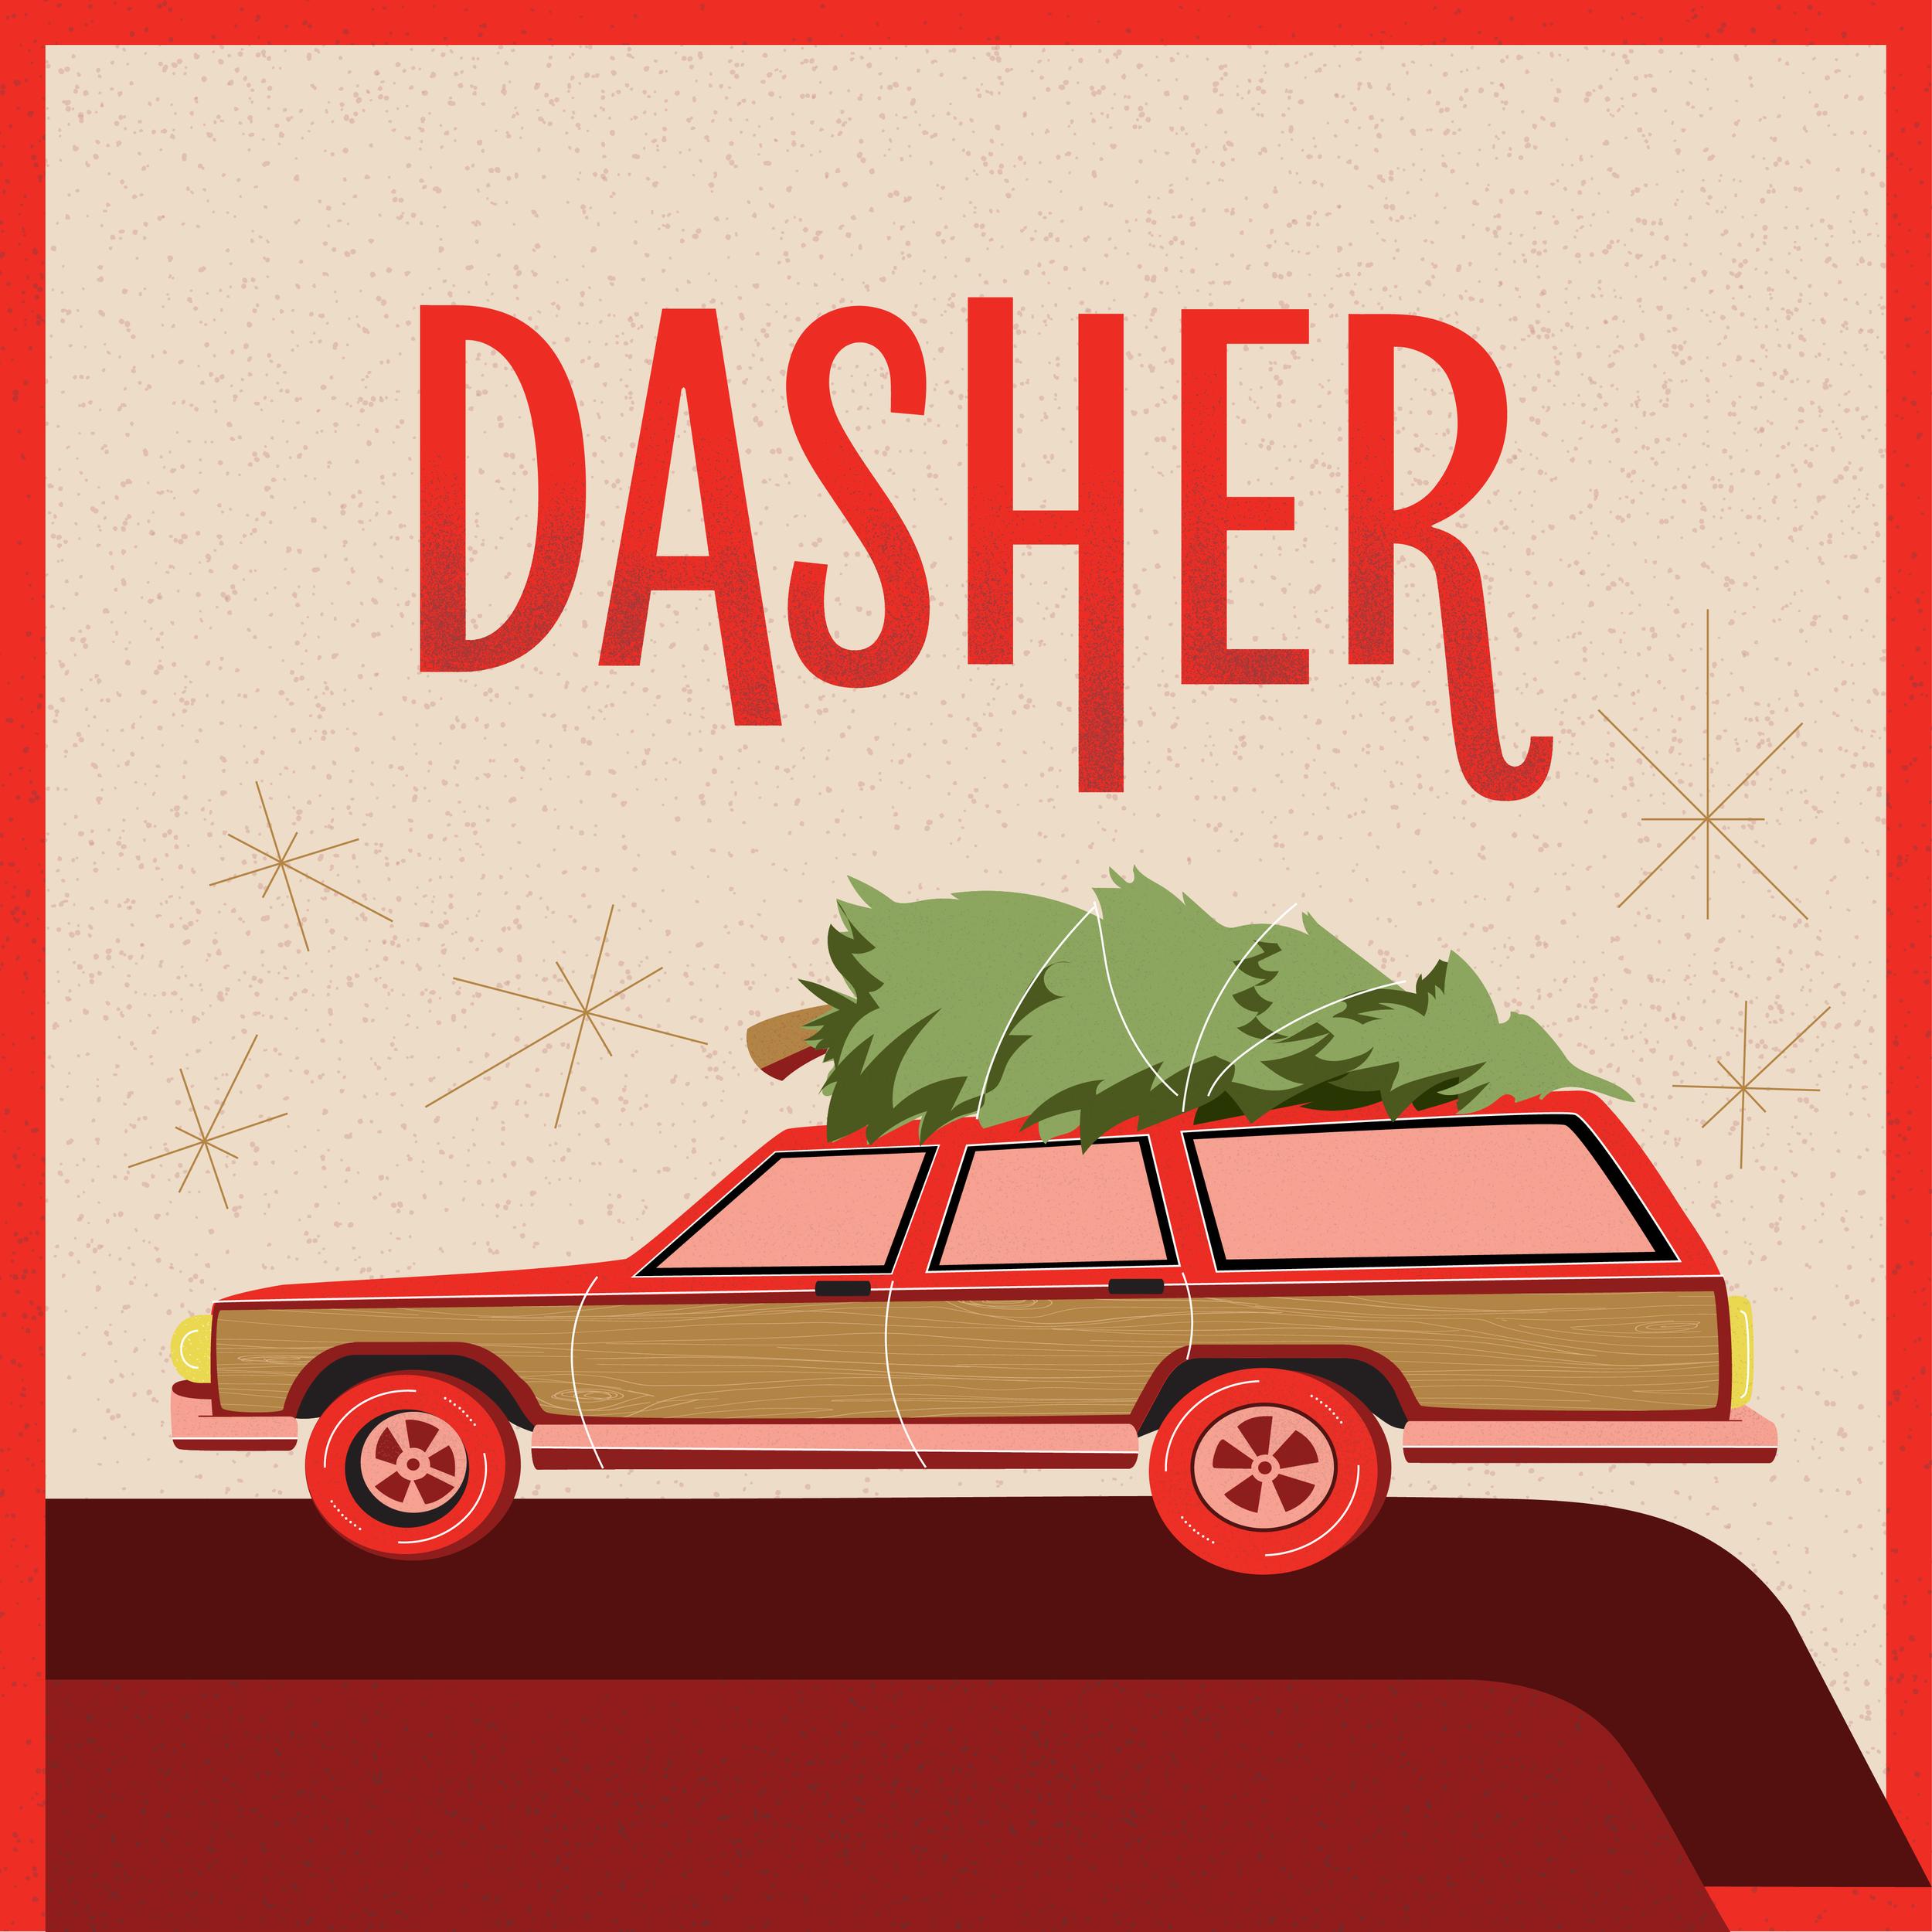 1 Dasher FINAL FINAL-01.png